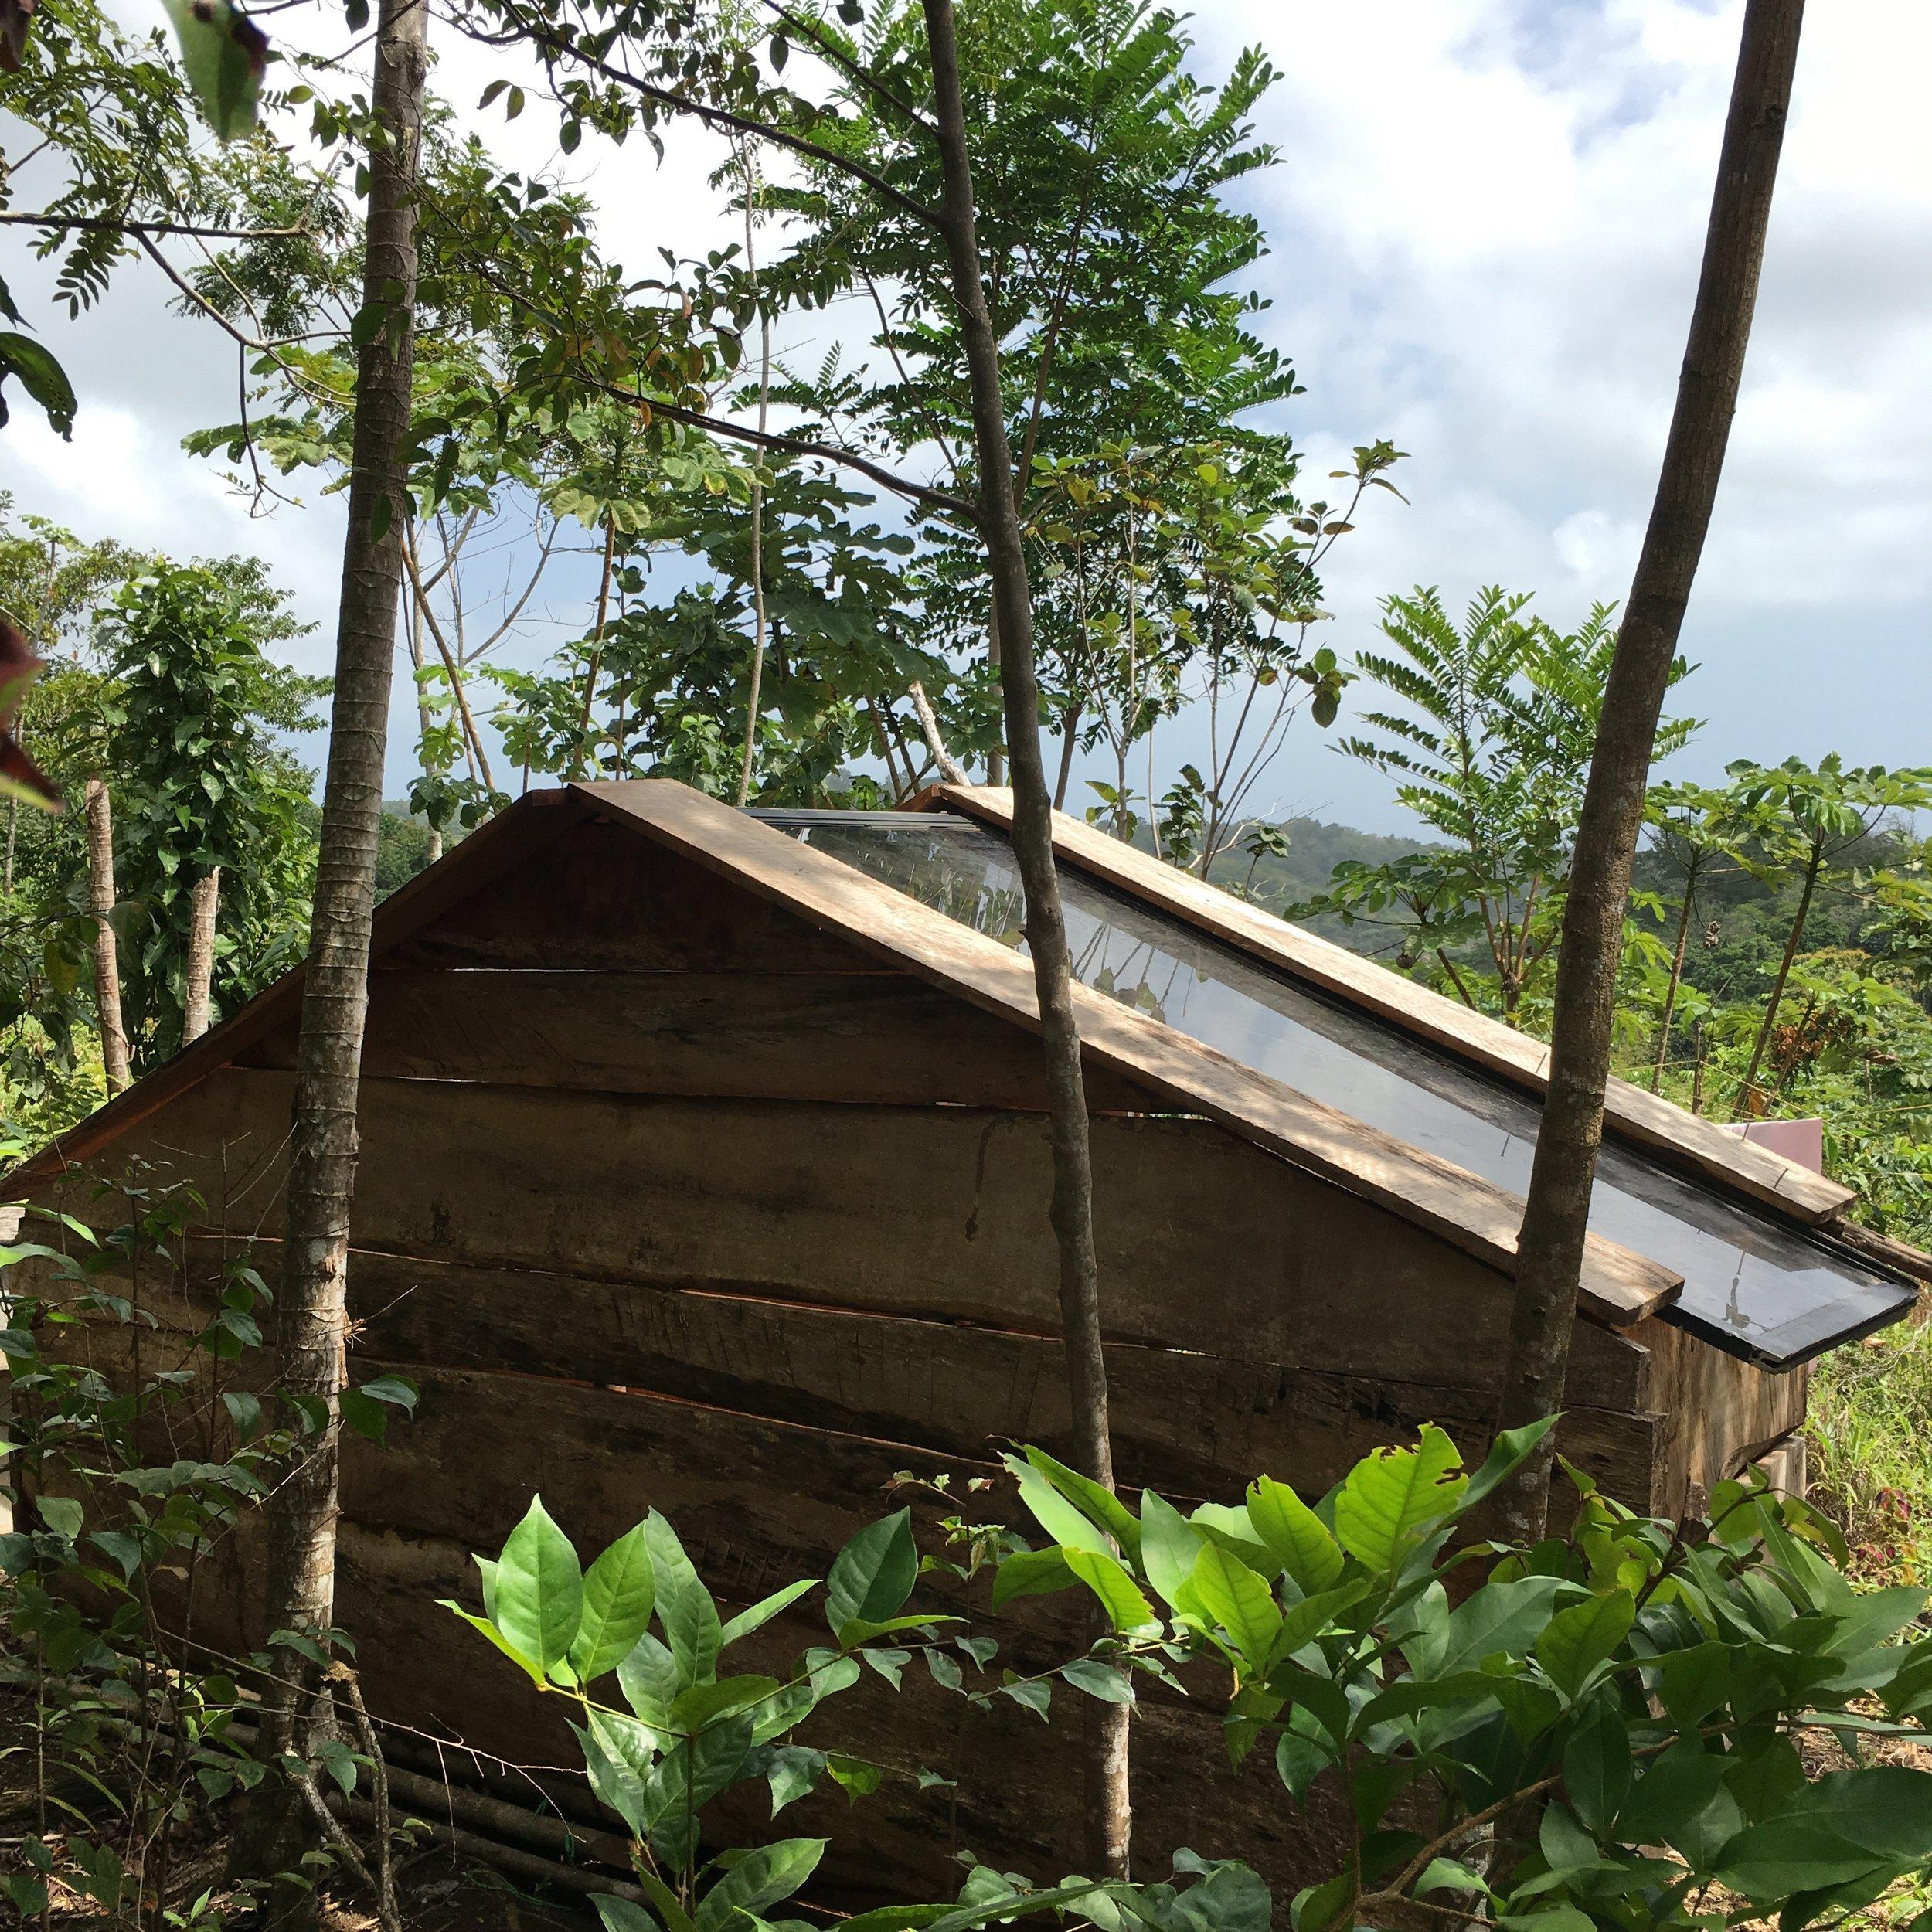 st_lucia_tiny_shelter_solar_wax_melter.jpg